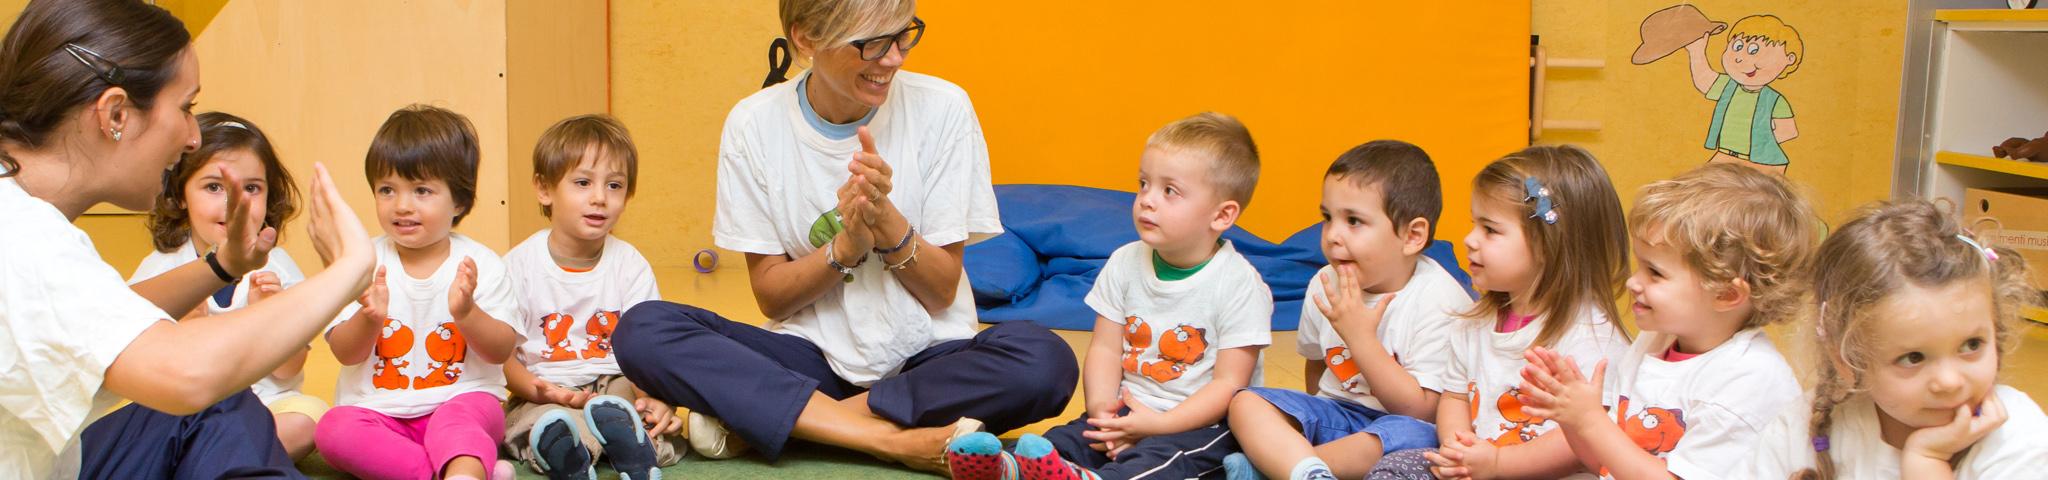 Insegnamento Inglese - Happy Child asili nido e scuole dell'infanzia bilingue